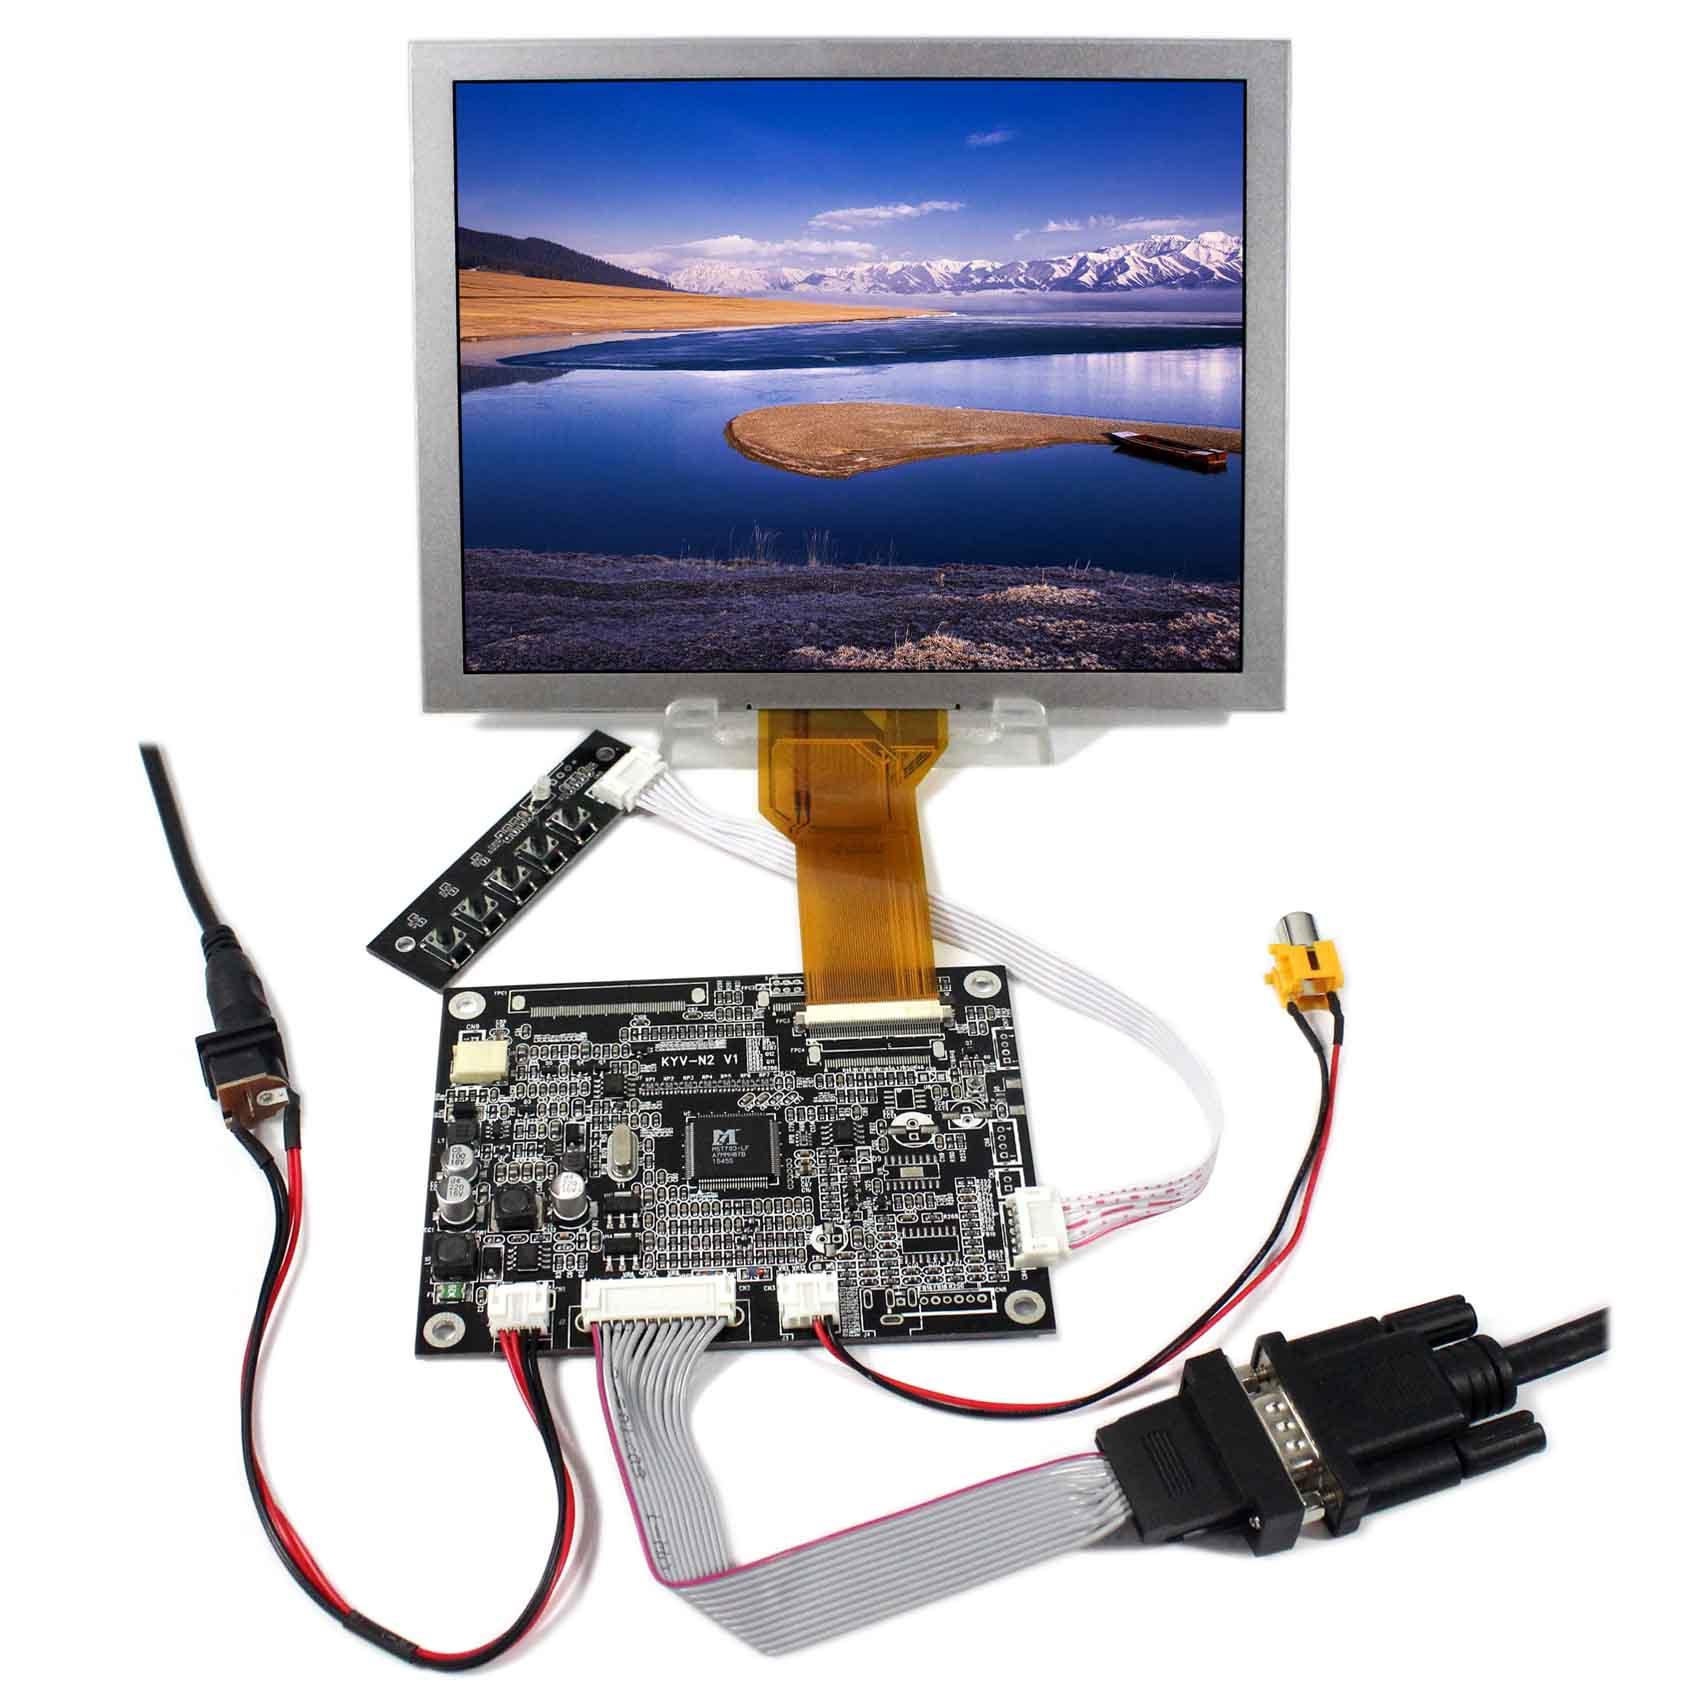 800x600 EJ080NA-05B 8 polegada lcd tela KYV-N2 v1 vga av placa de controlador lcd